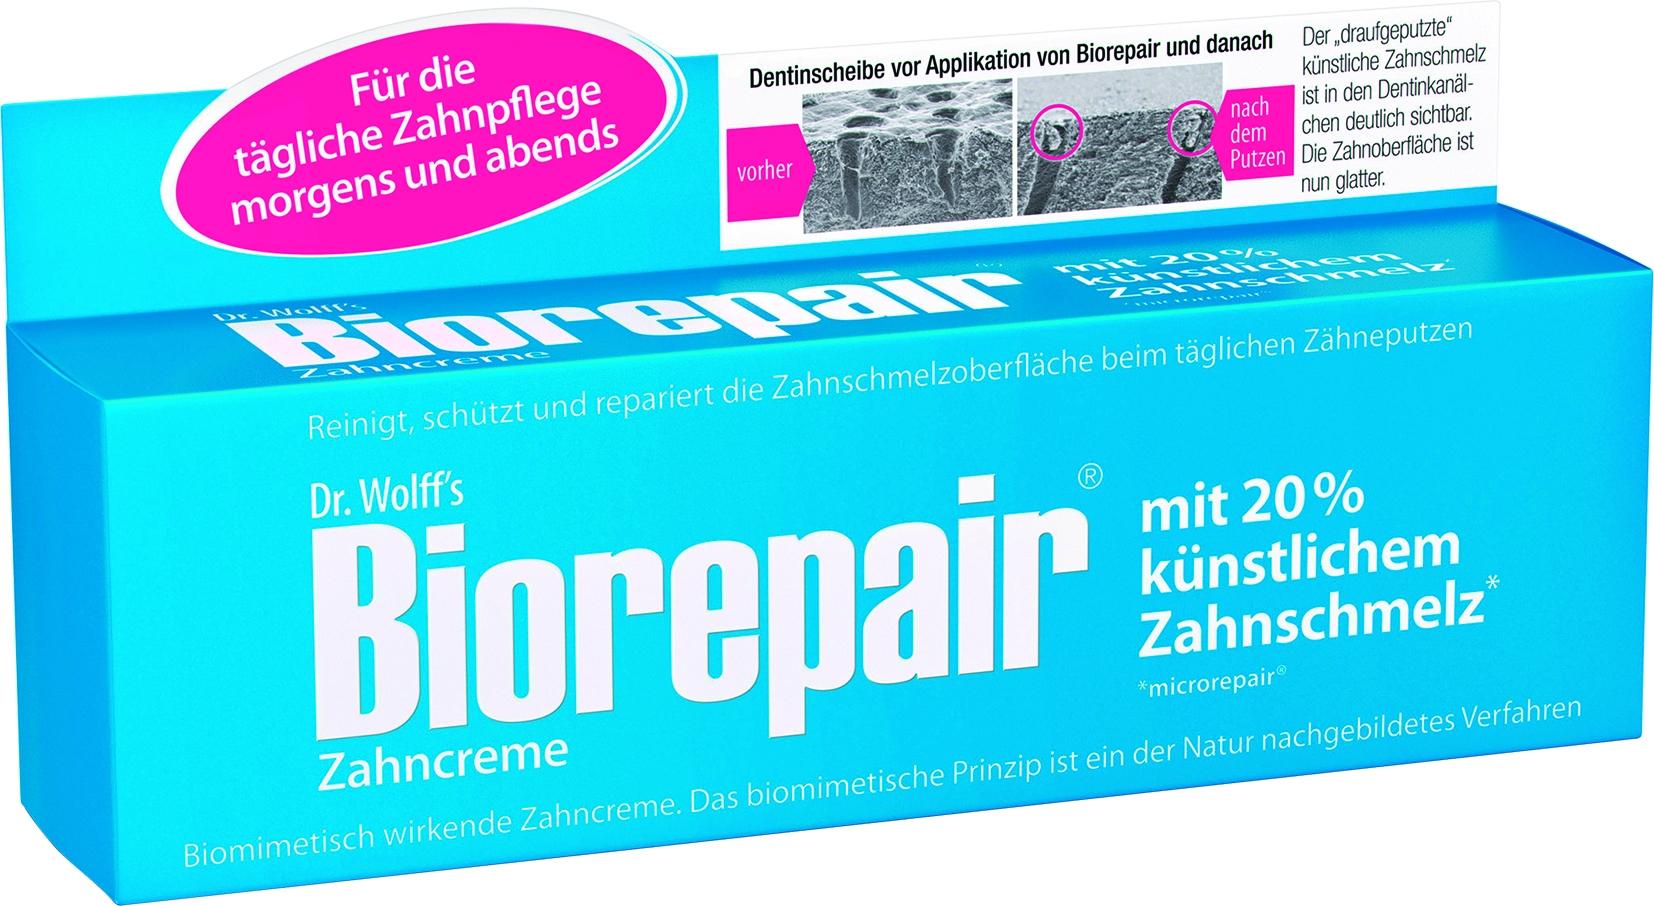 Bio Repair Zahncreme